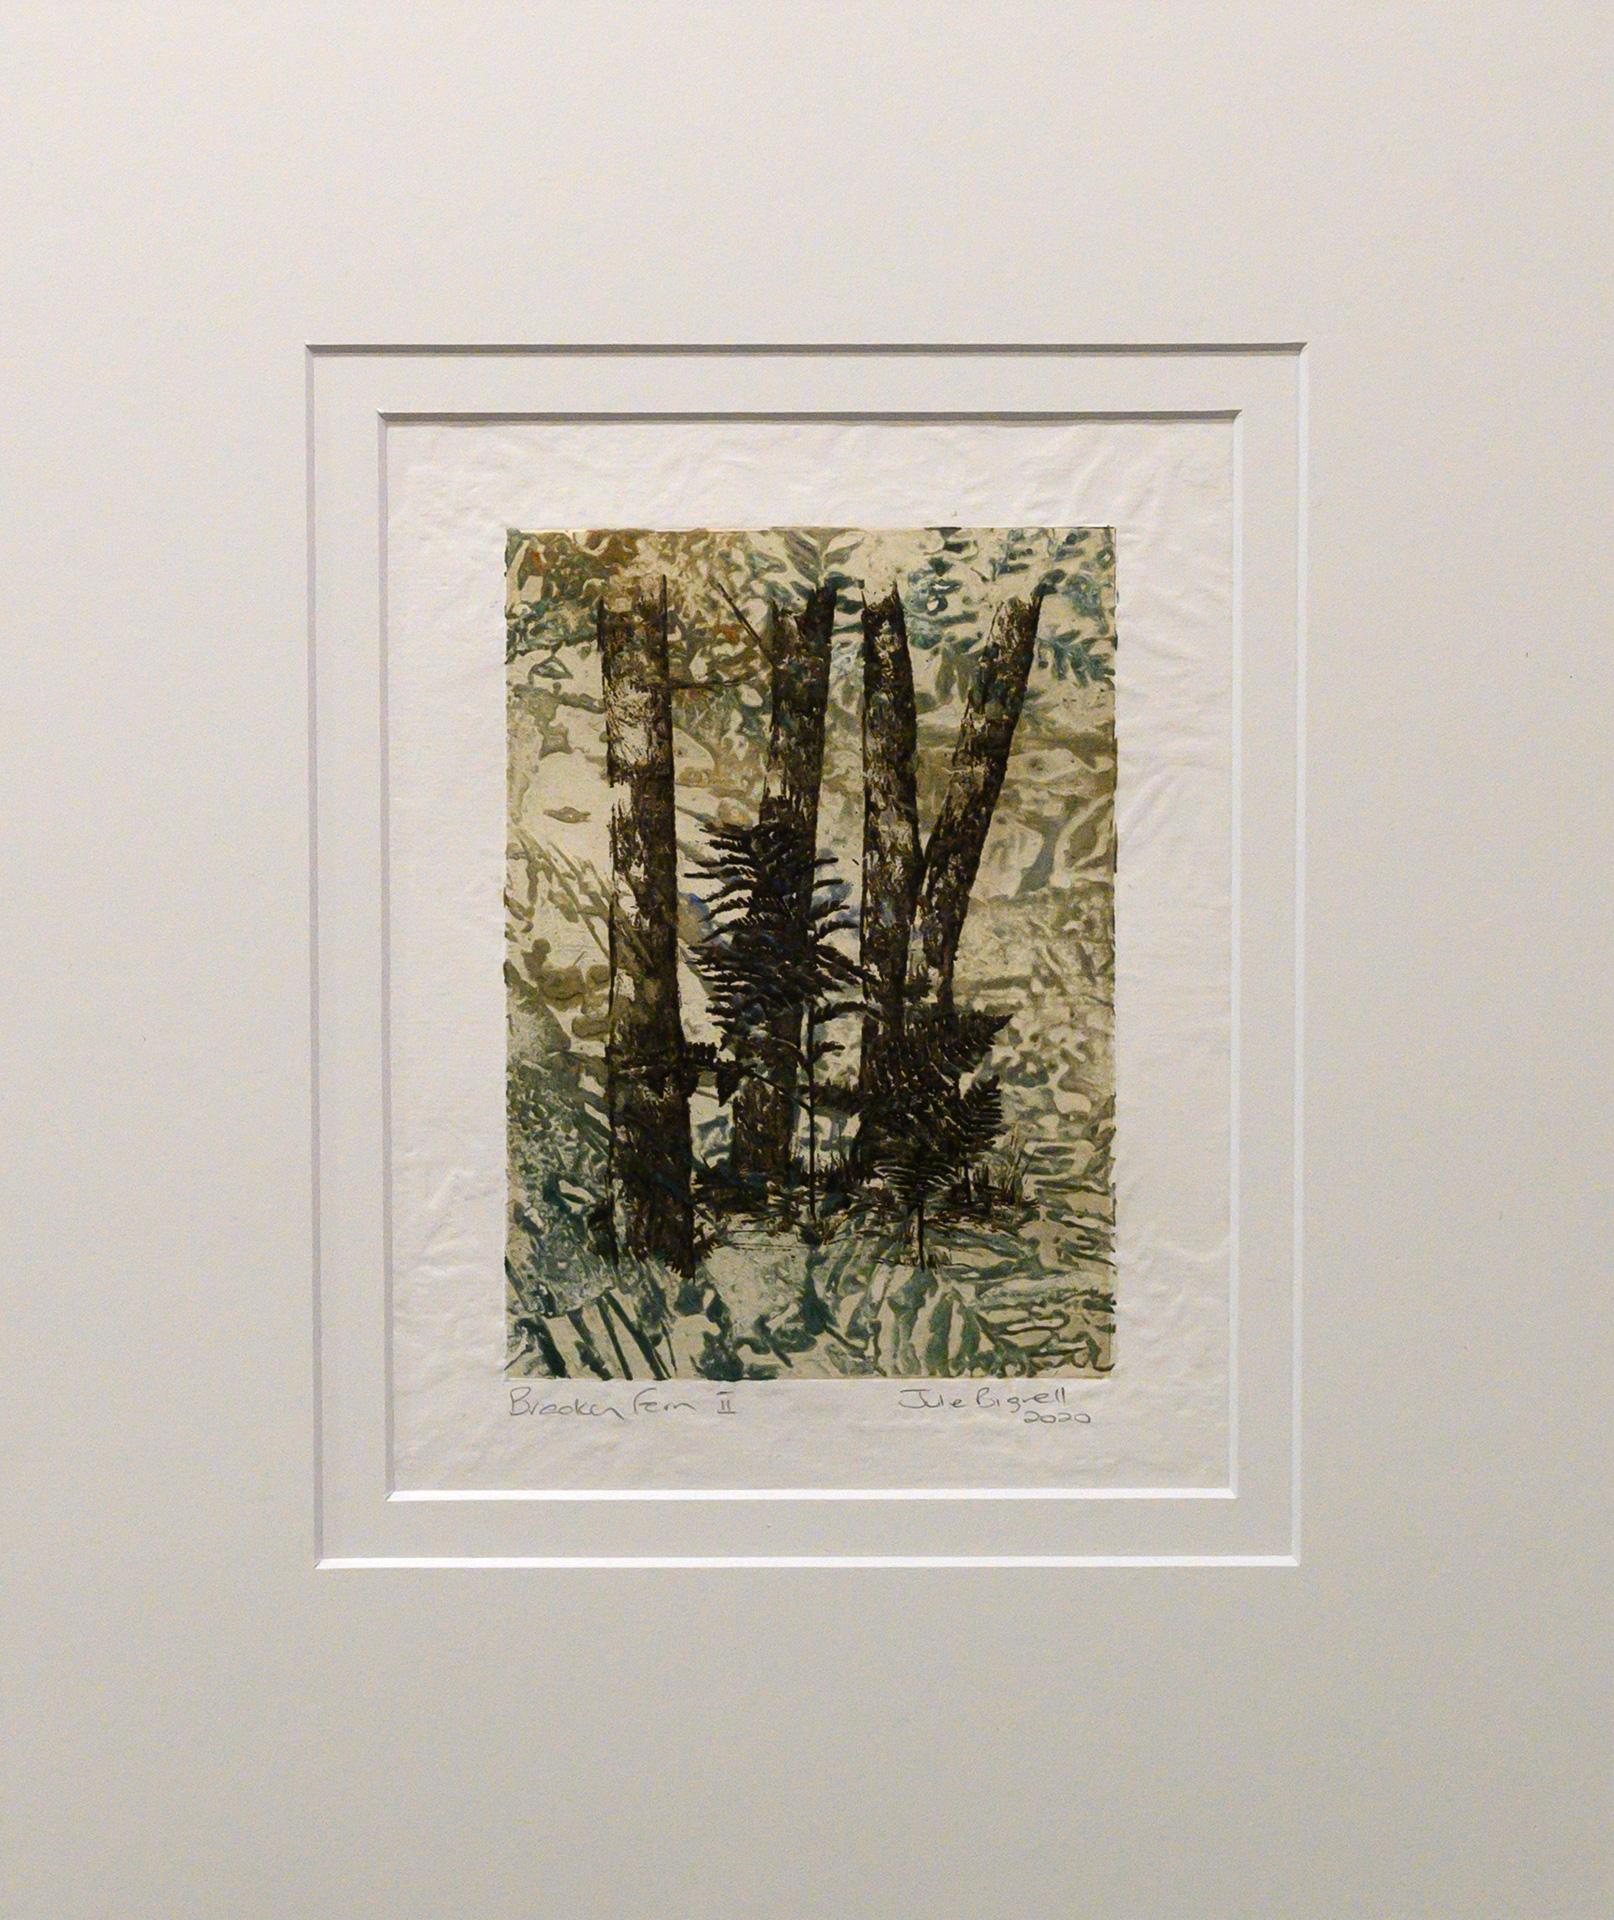 Unframed artwork by Julie Bignell of bracken fern amongst tree trunks